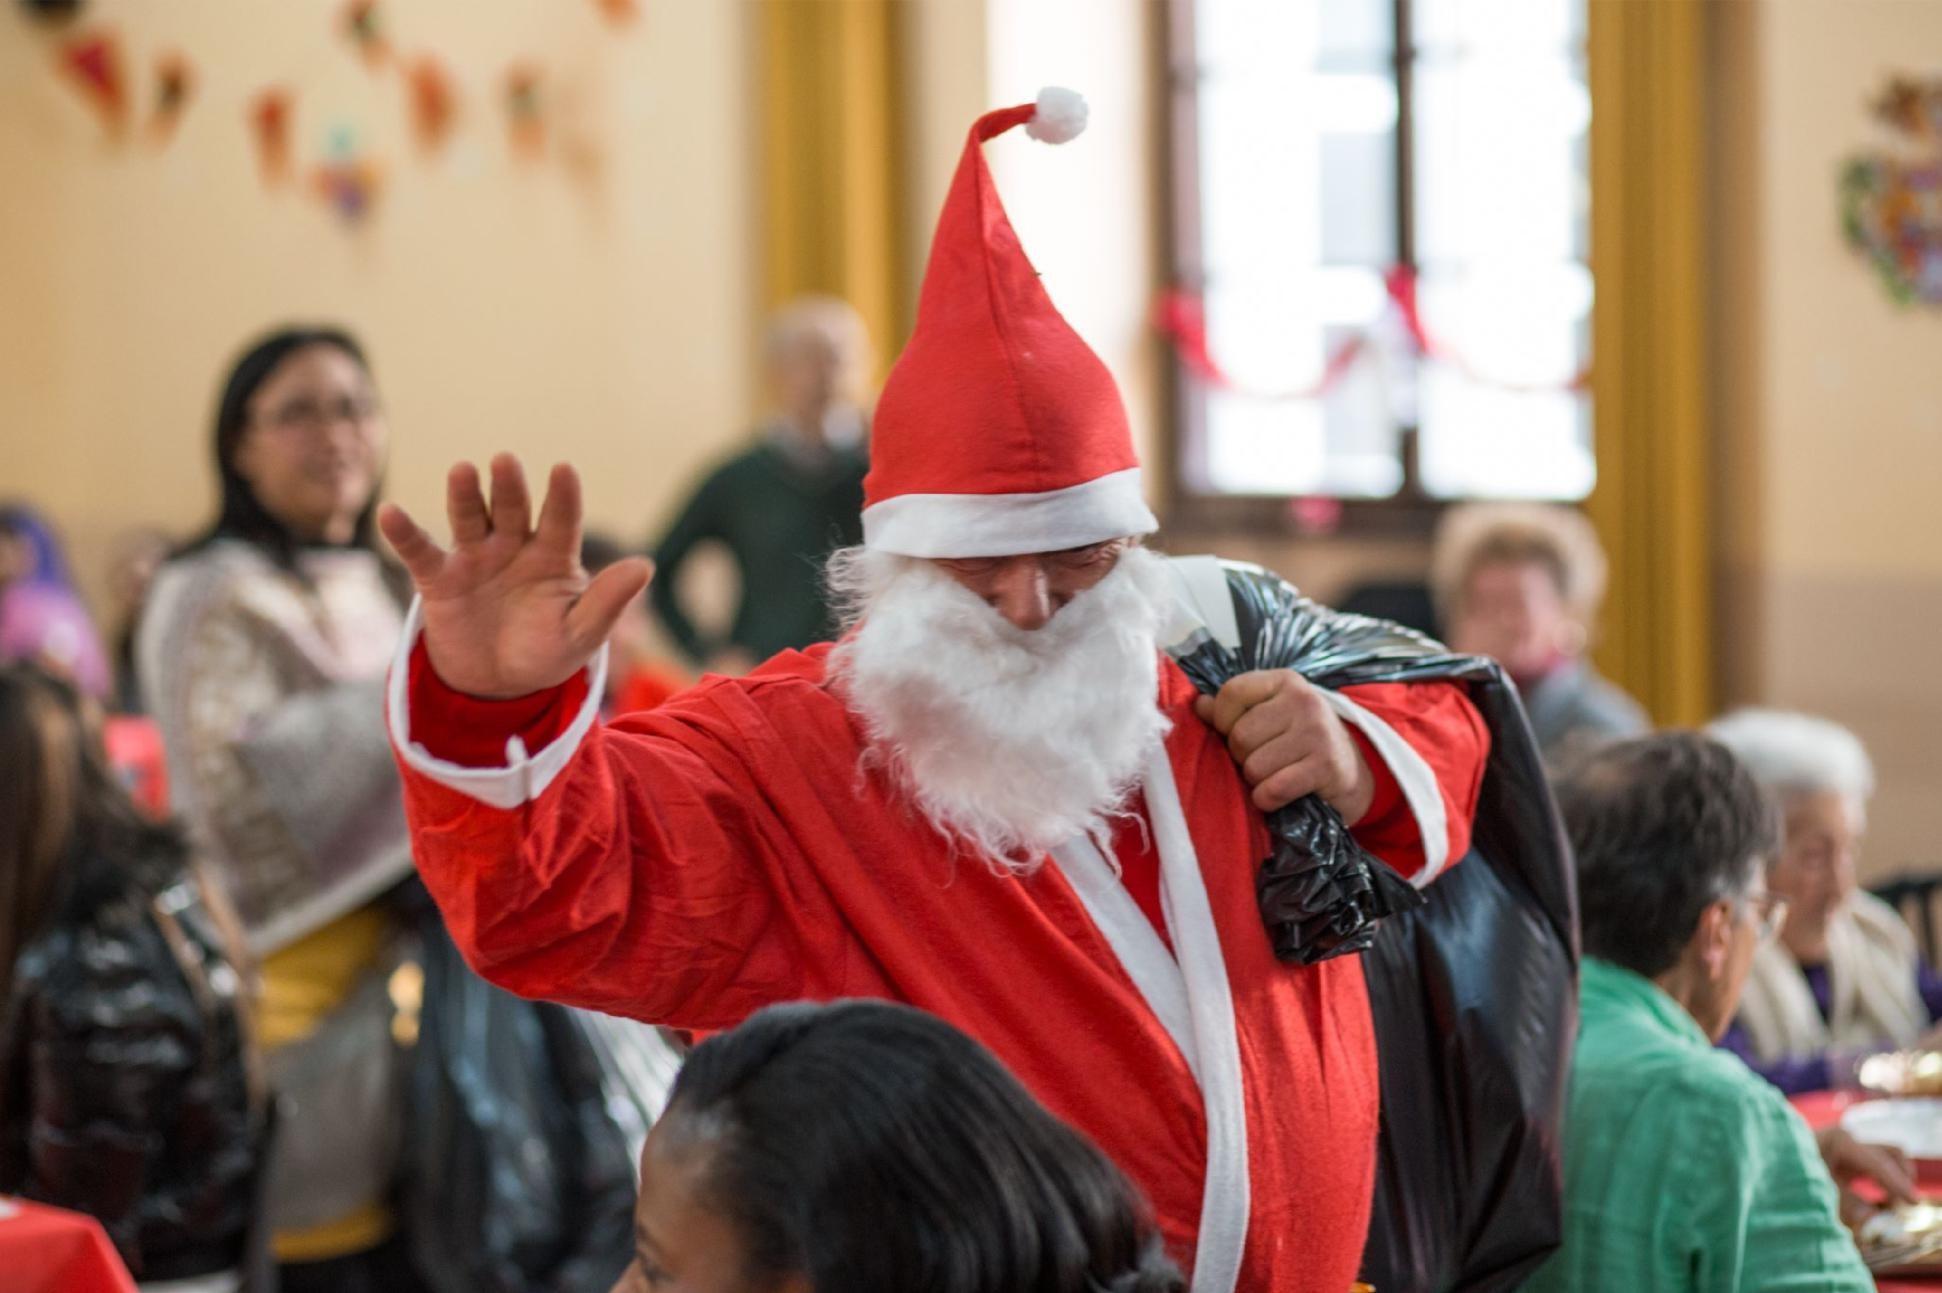 Come Si Dice Buon Natale In Rumeno.Per Chi Ha Poco E Niente Ma Ha Cosi Tanto Da Offrire 360 Il